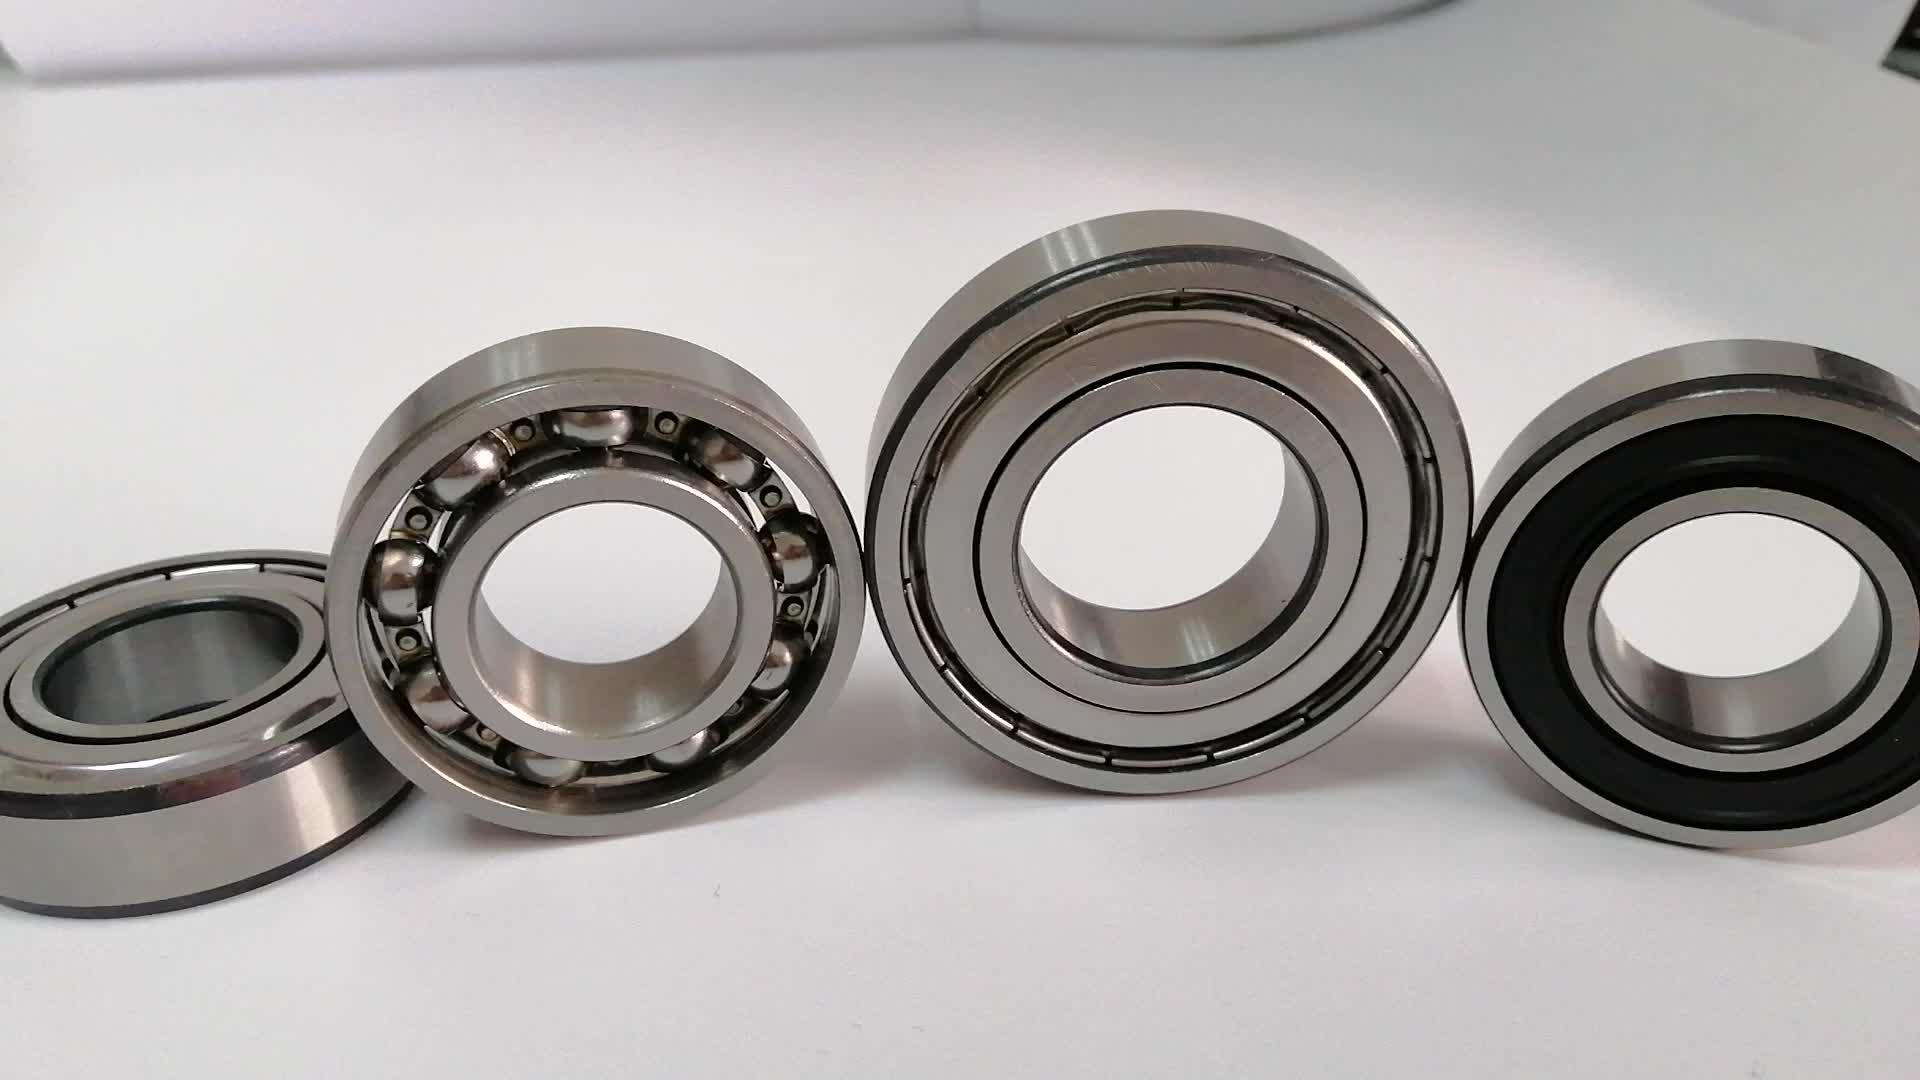 Yüksek hassasiyetli 61930 ww89 fazla stok gümrükleme paslanmaz çelik rulman ince boyutu inç v groove rulman 61900